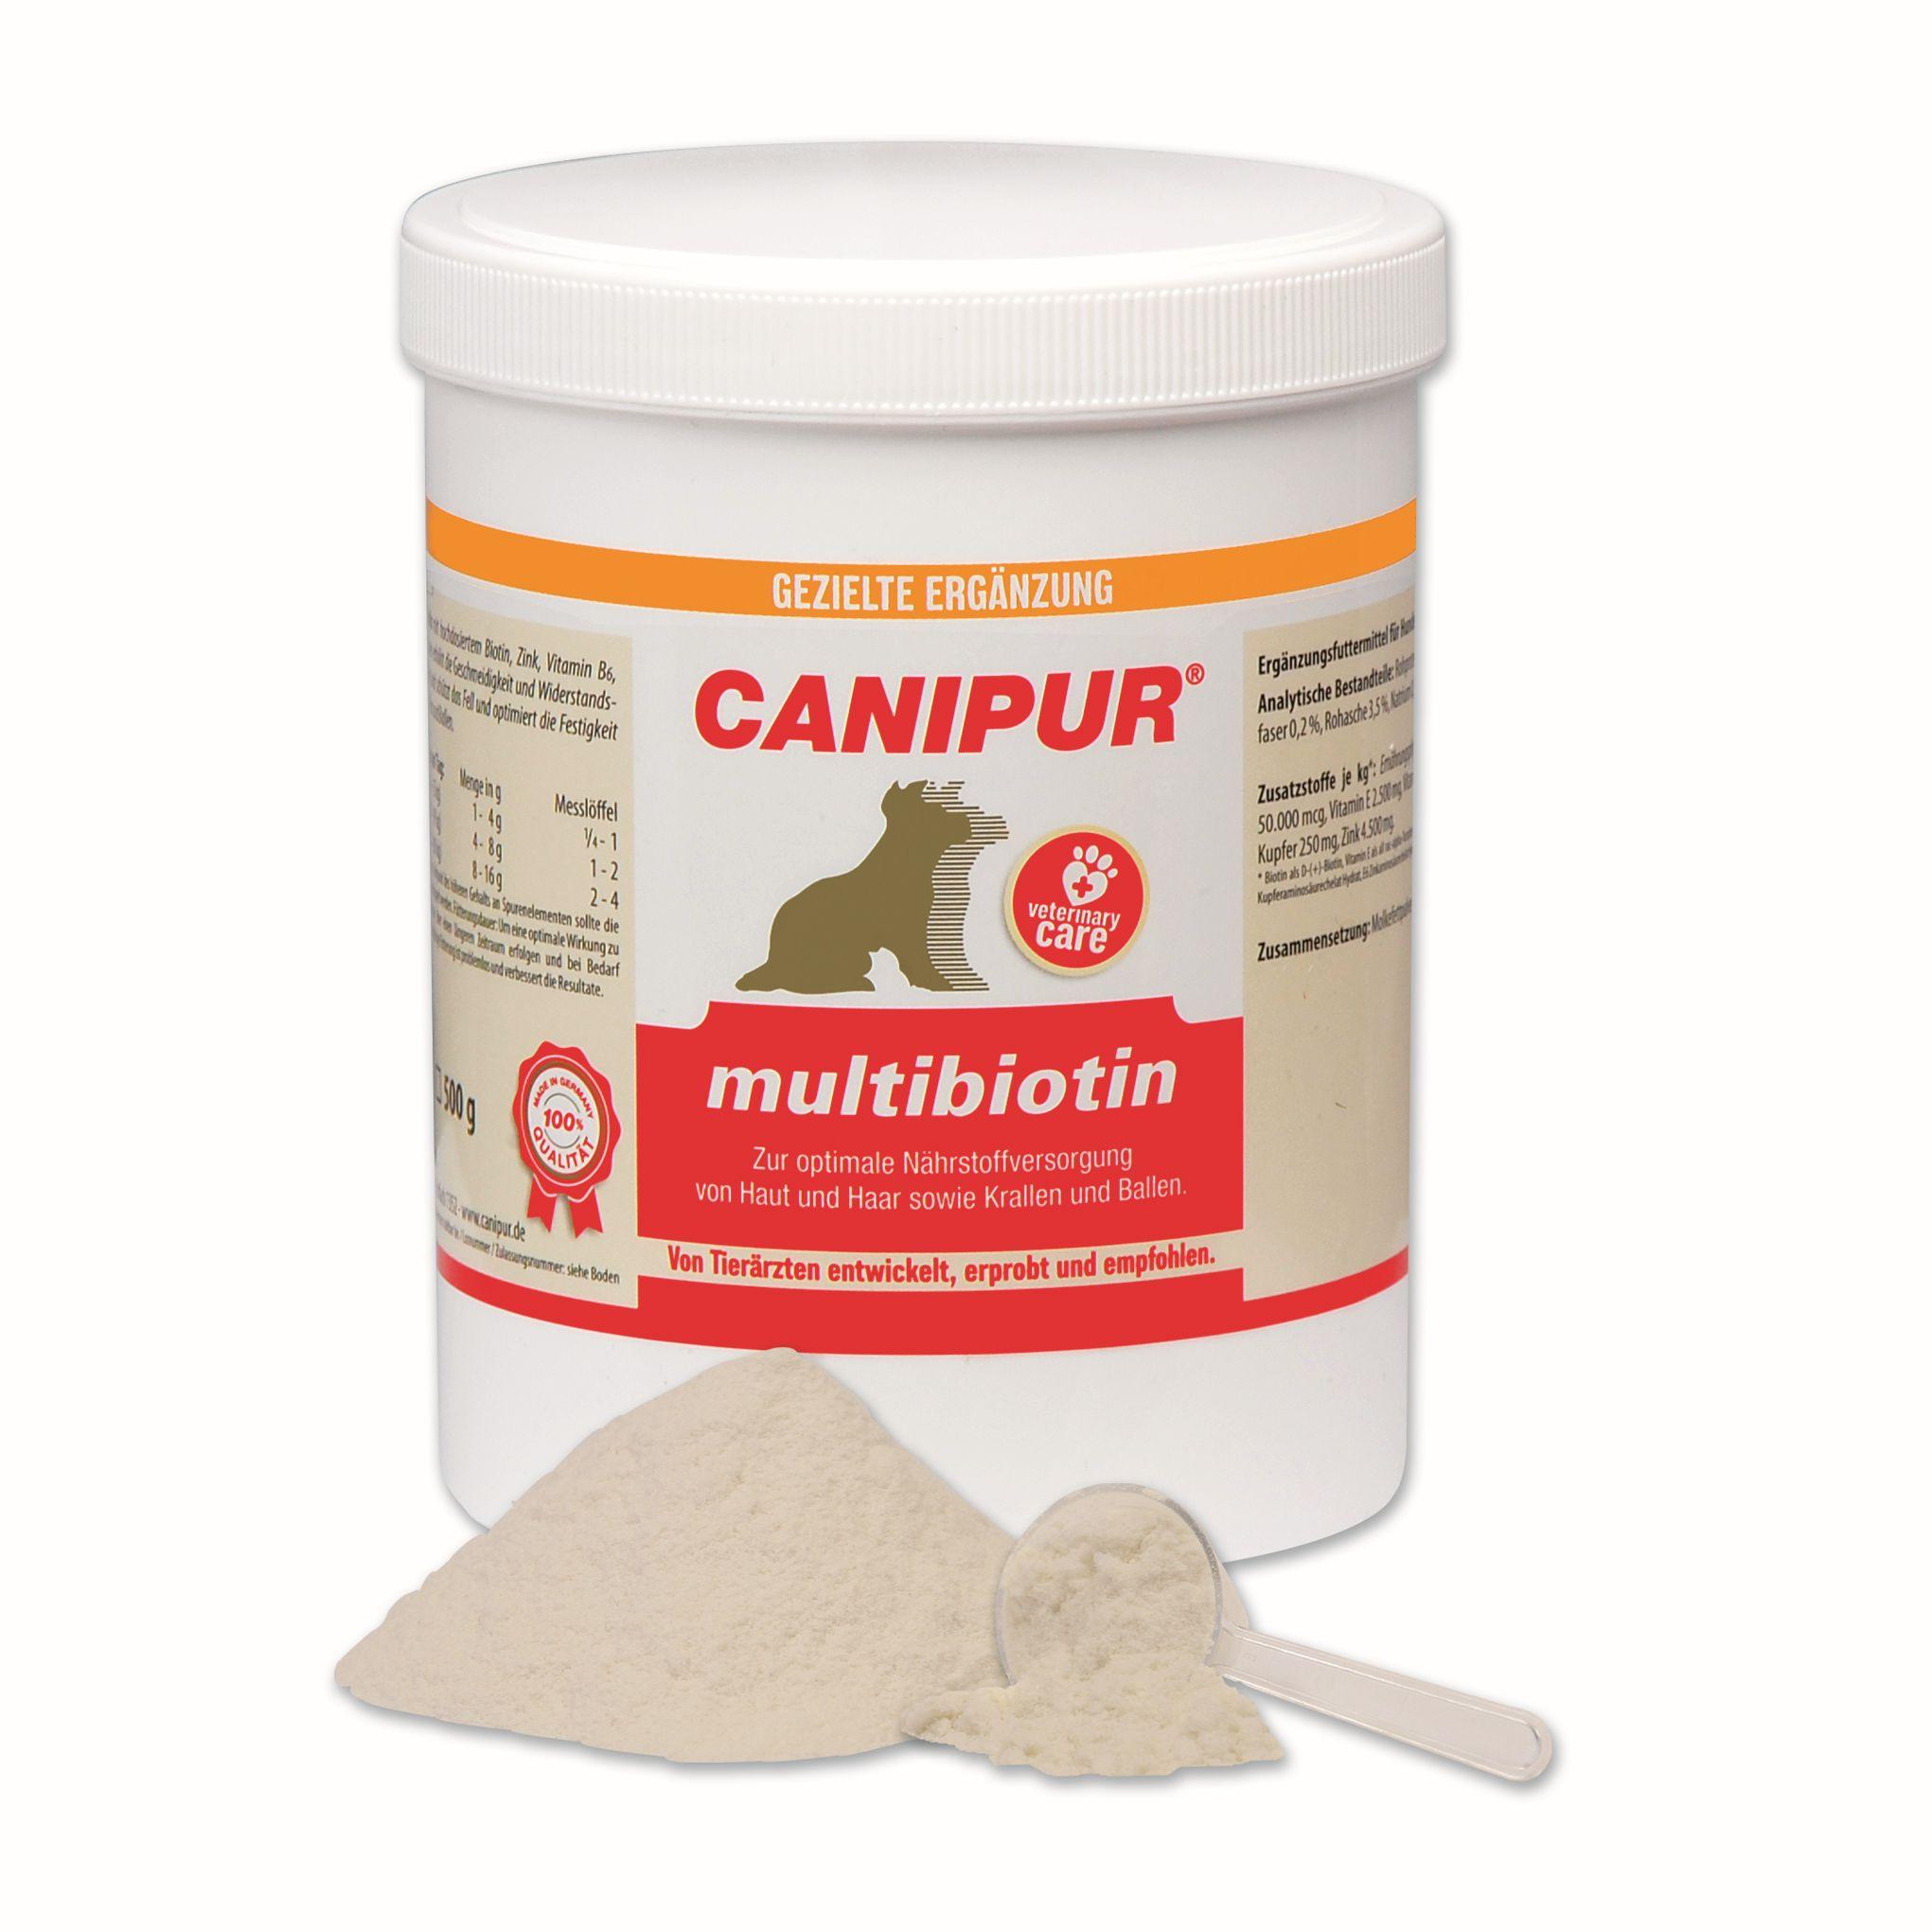 Vetripharm Canipur multibiotin